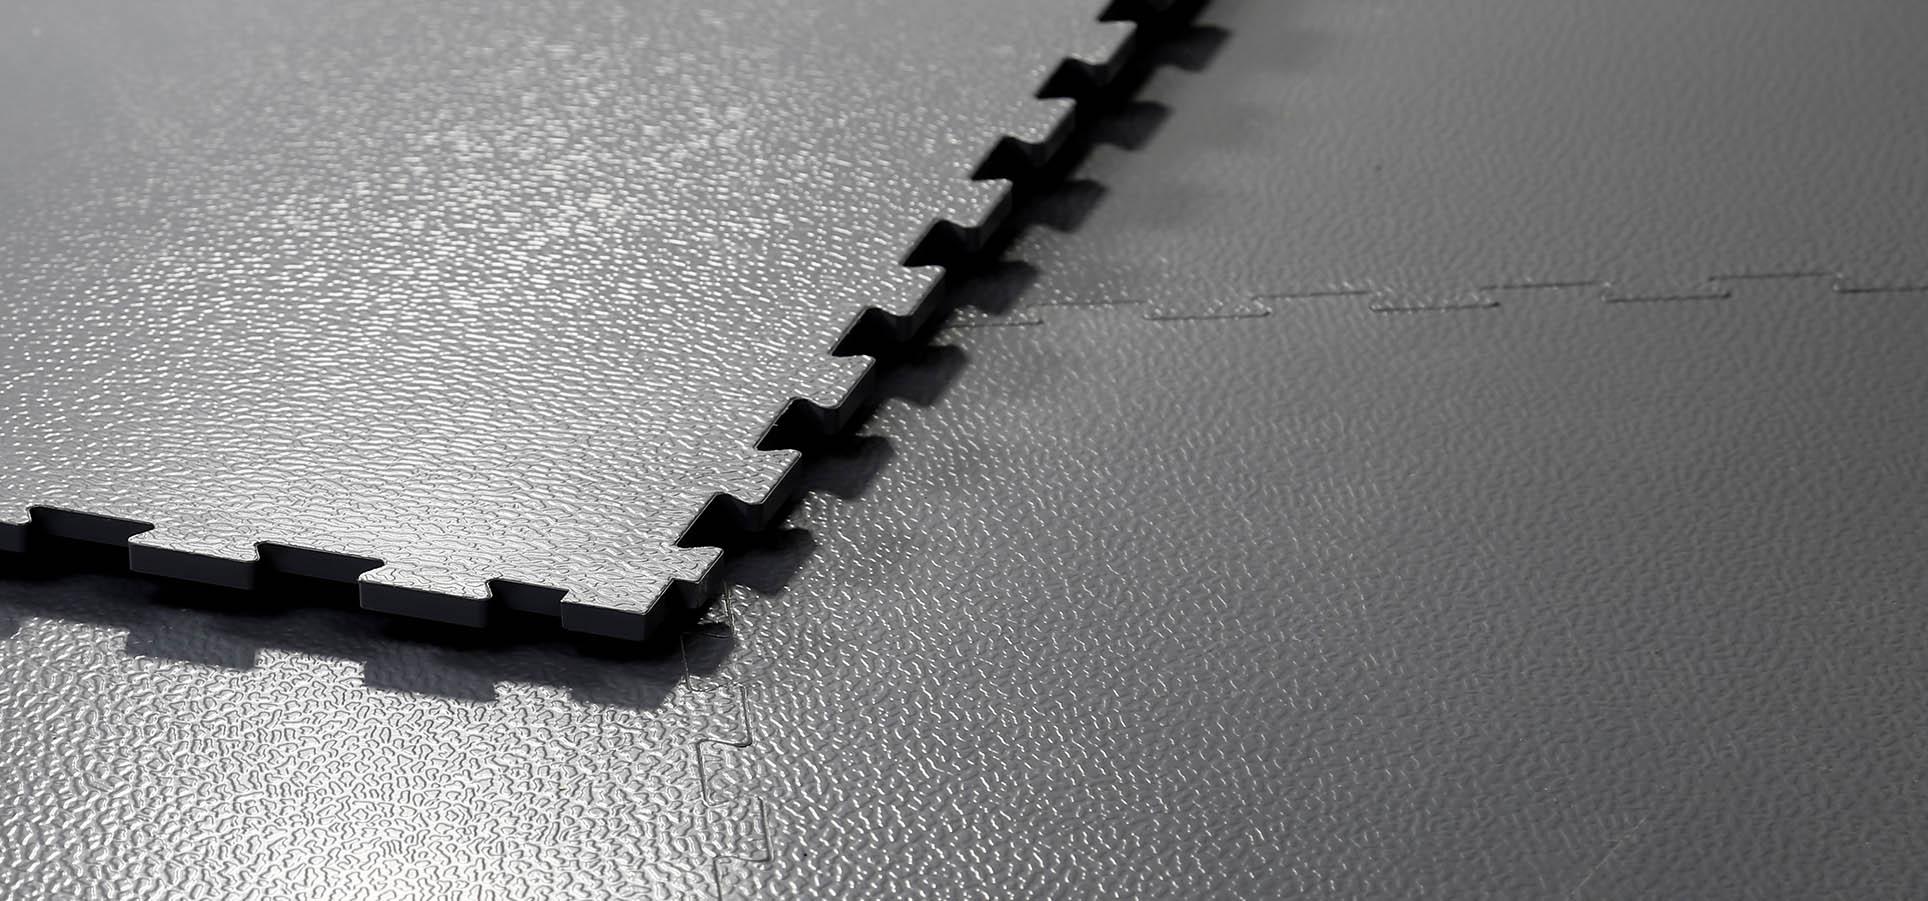 Hier sieht man die Verzahnung unserer neuen dicht schließenden PVC Bodenplatte Retail.